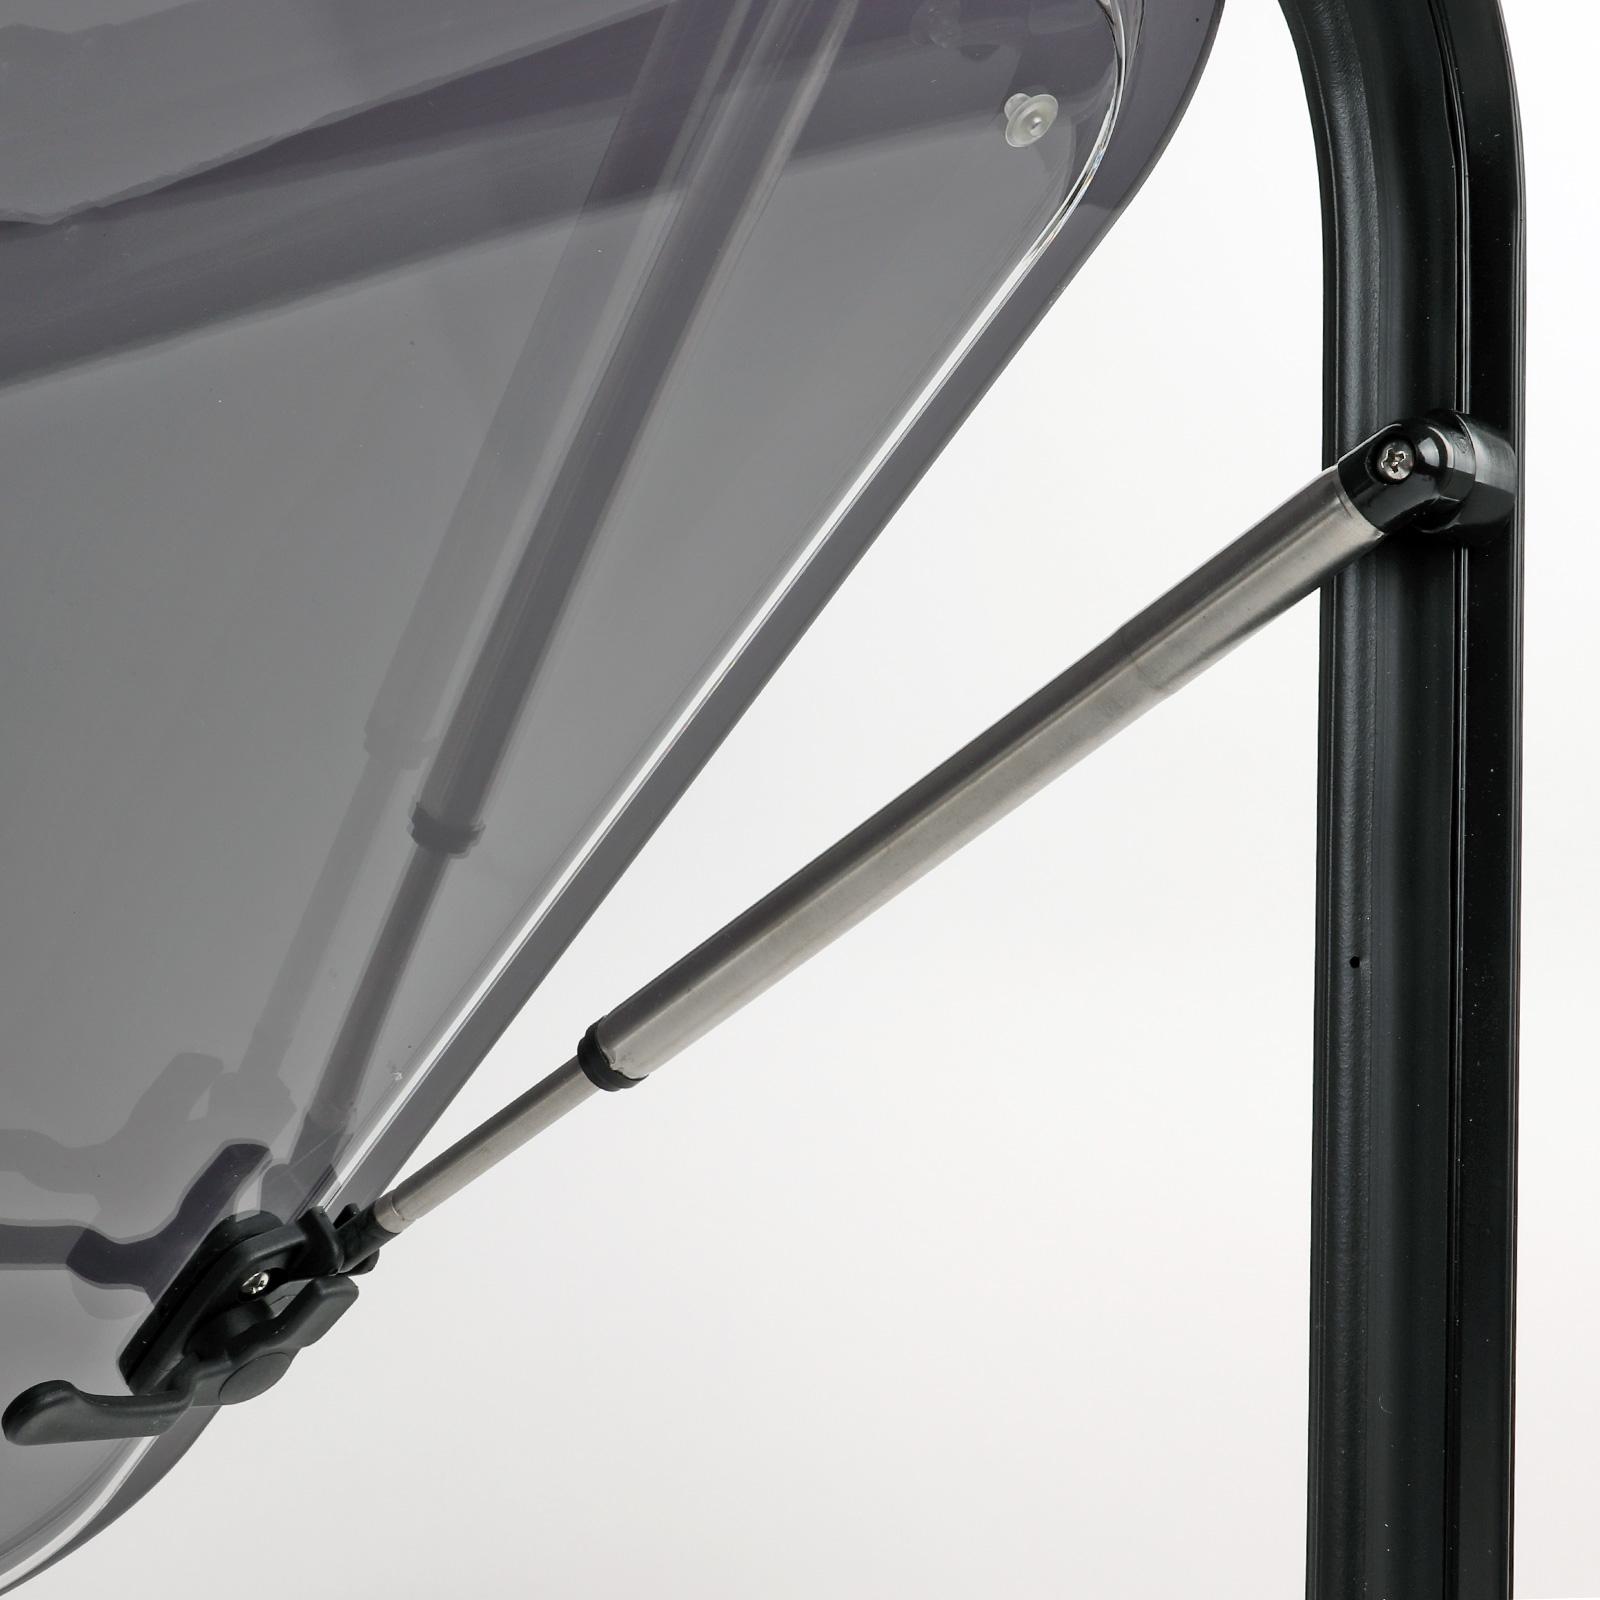 Ausstellfenster für gewölbte Kastenwagen-Wände, 490x500, wamovo